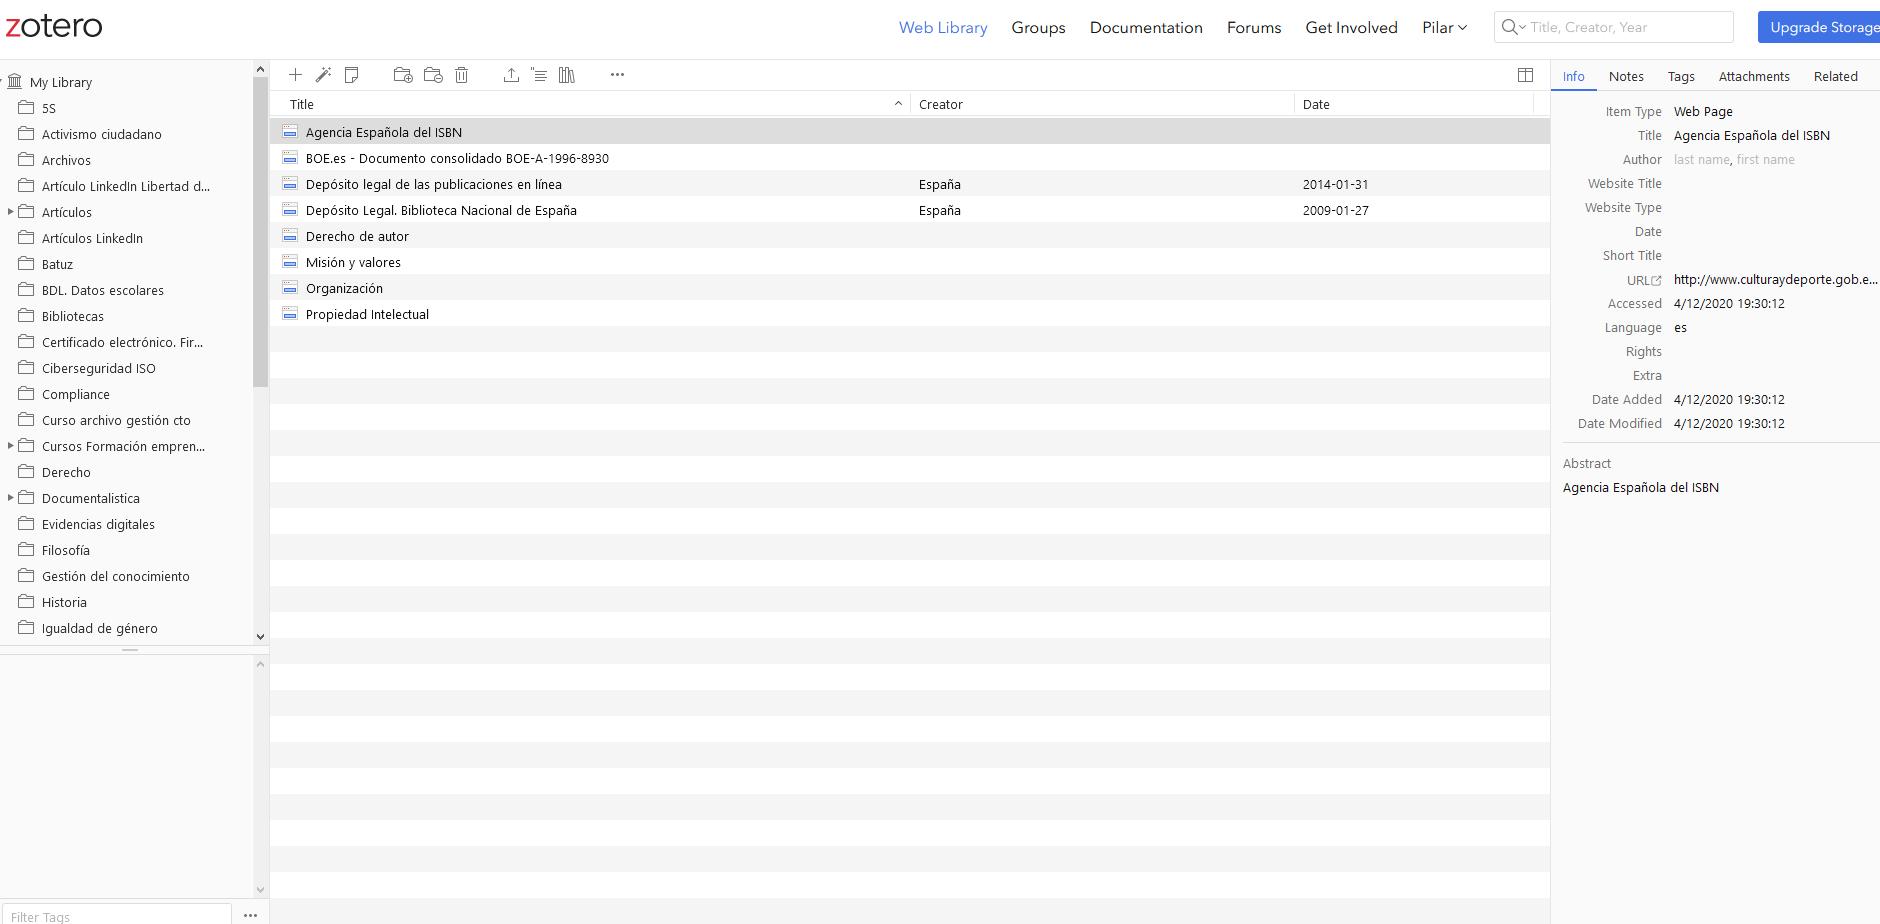 Imagen de la aplicación Zotero.Imagen de la pantalla my library de la aplicación zotero